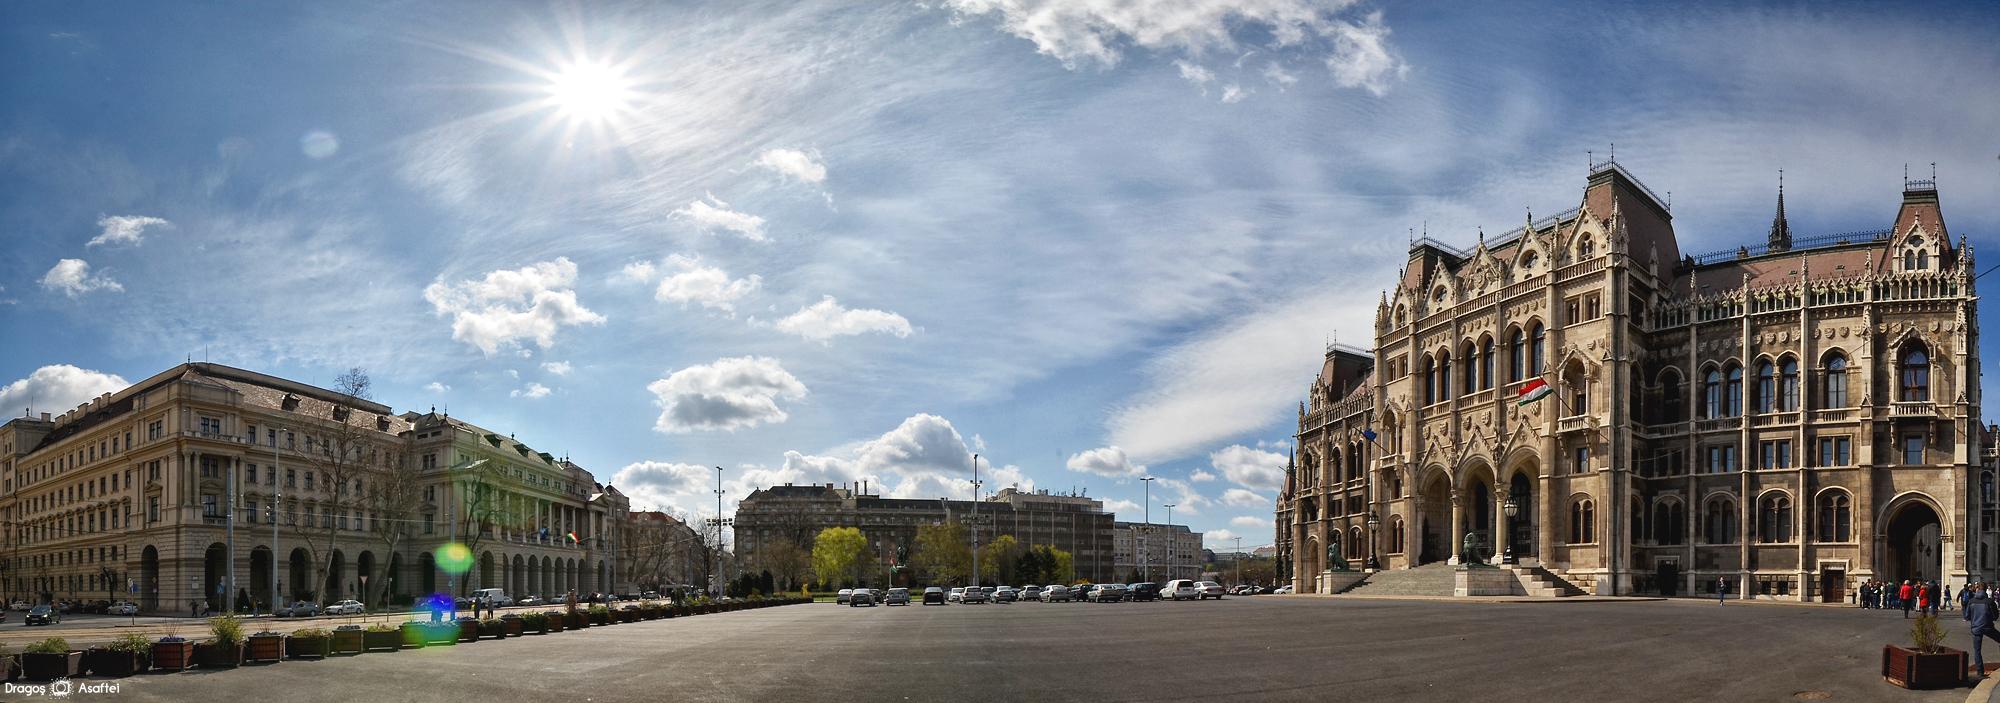 Budapesta într-o singură fotografie